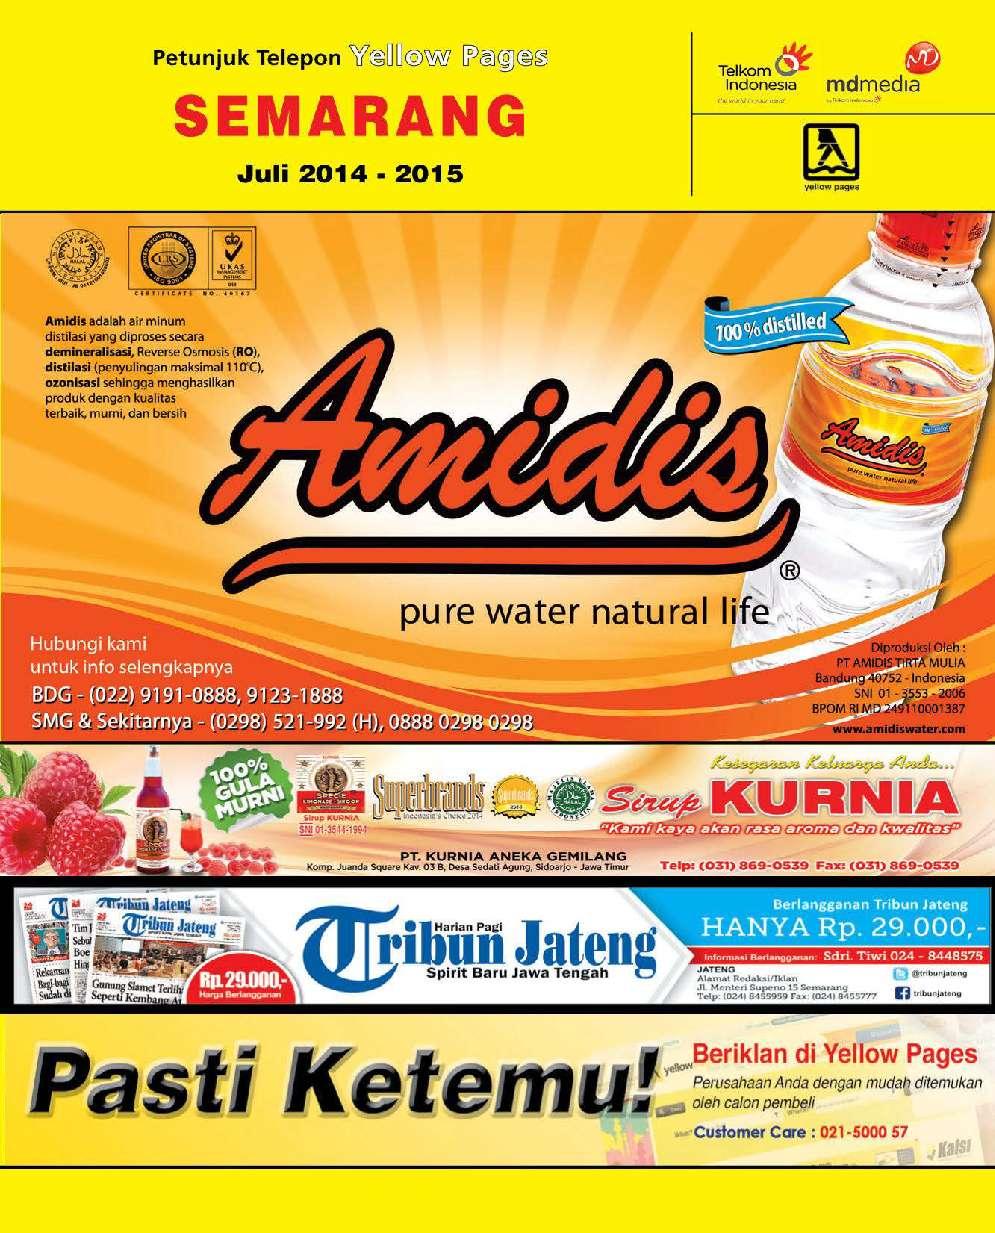 Jual Majalah Yellow Pages Semarang 2014 2015 Gramedia Digital